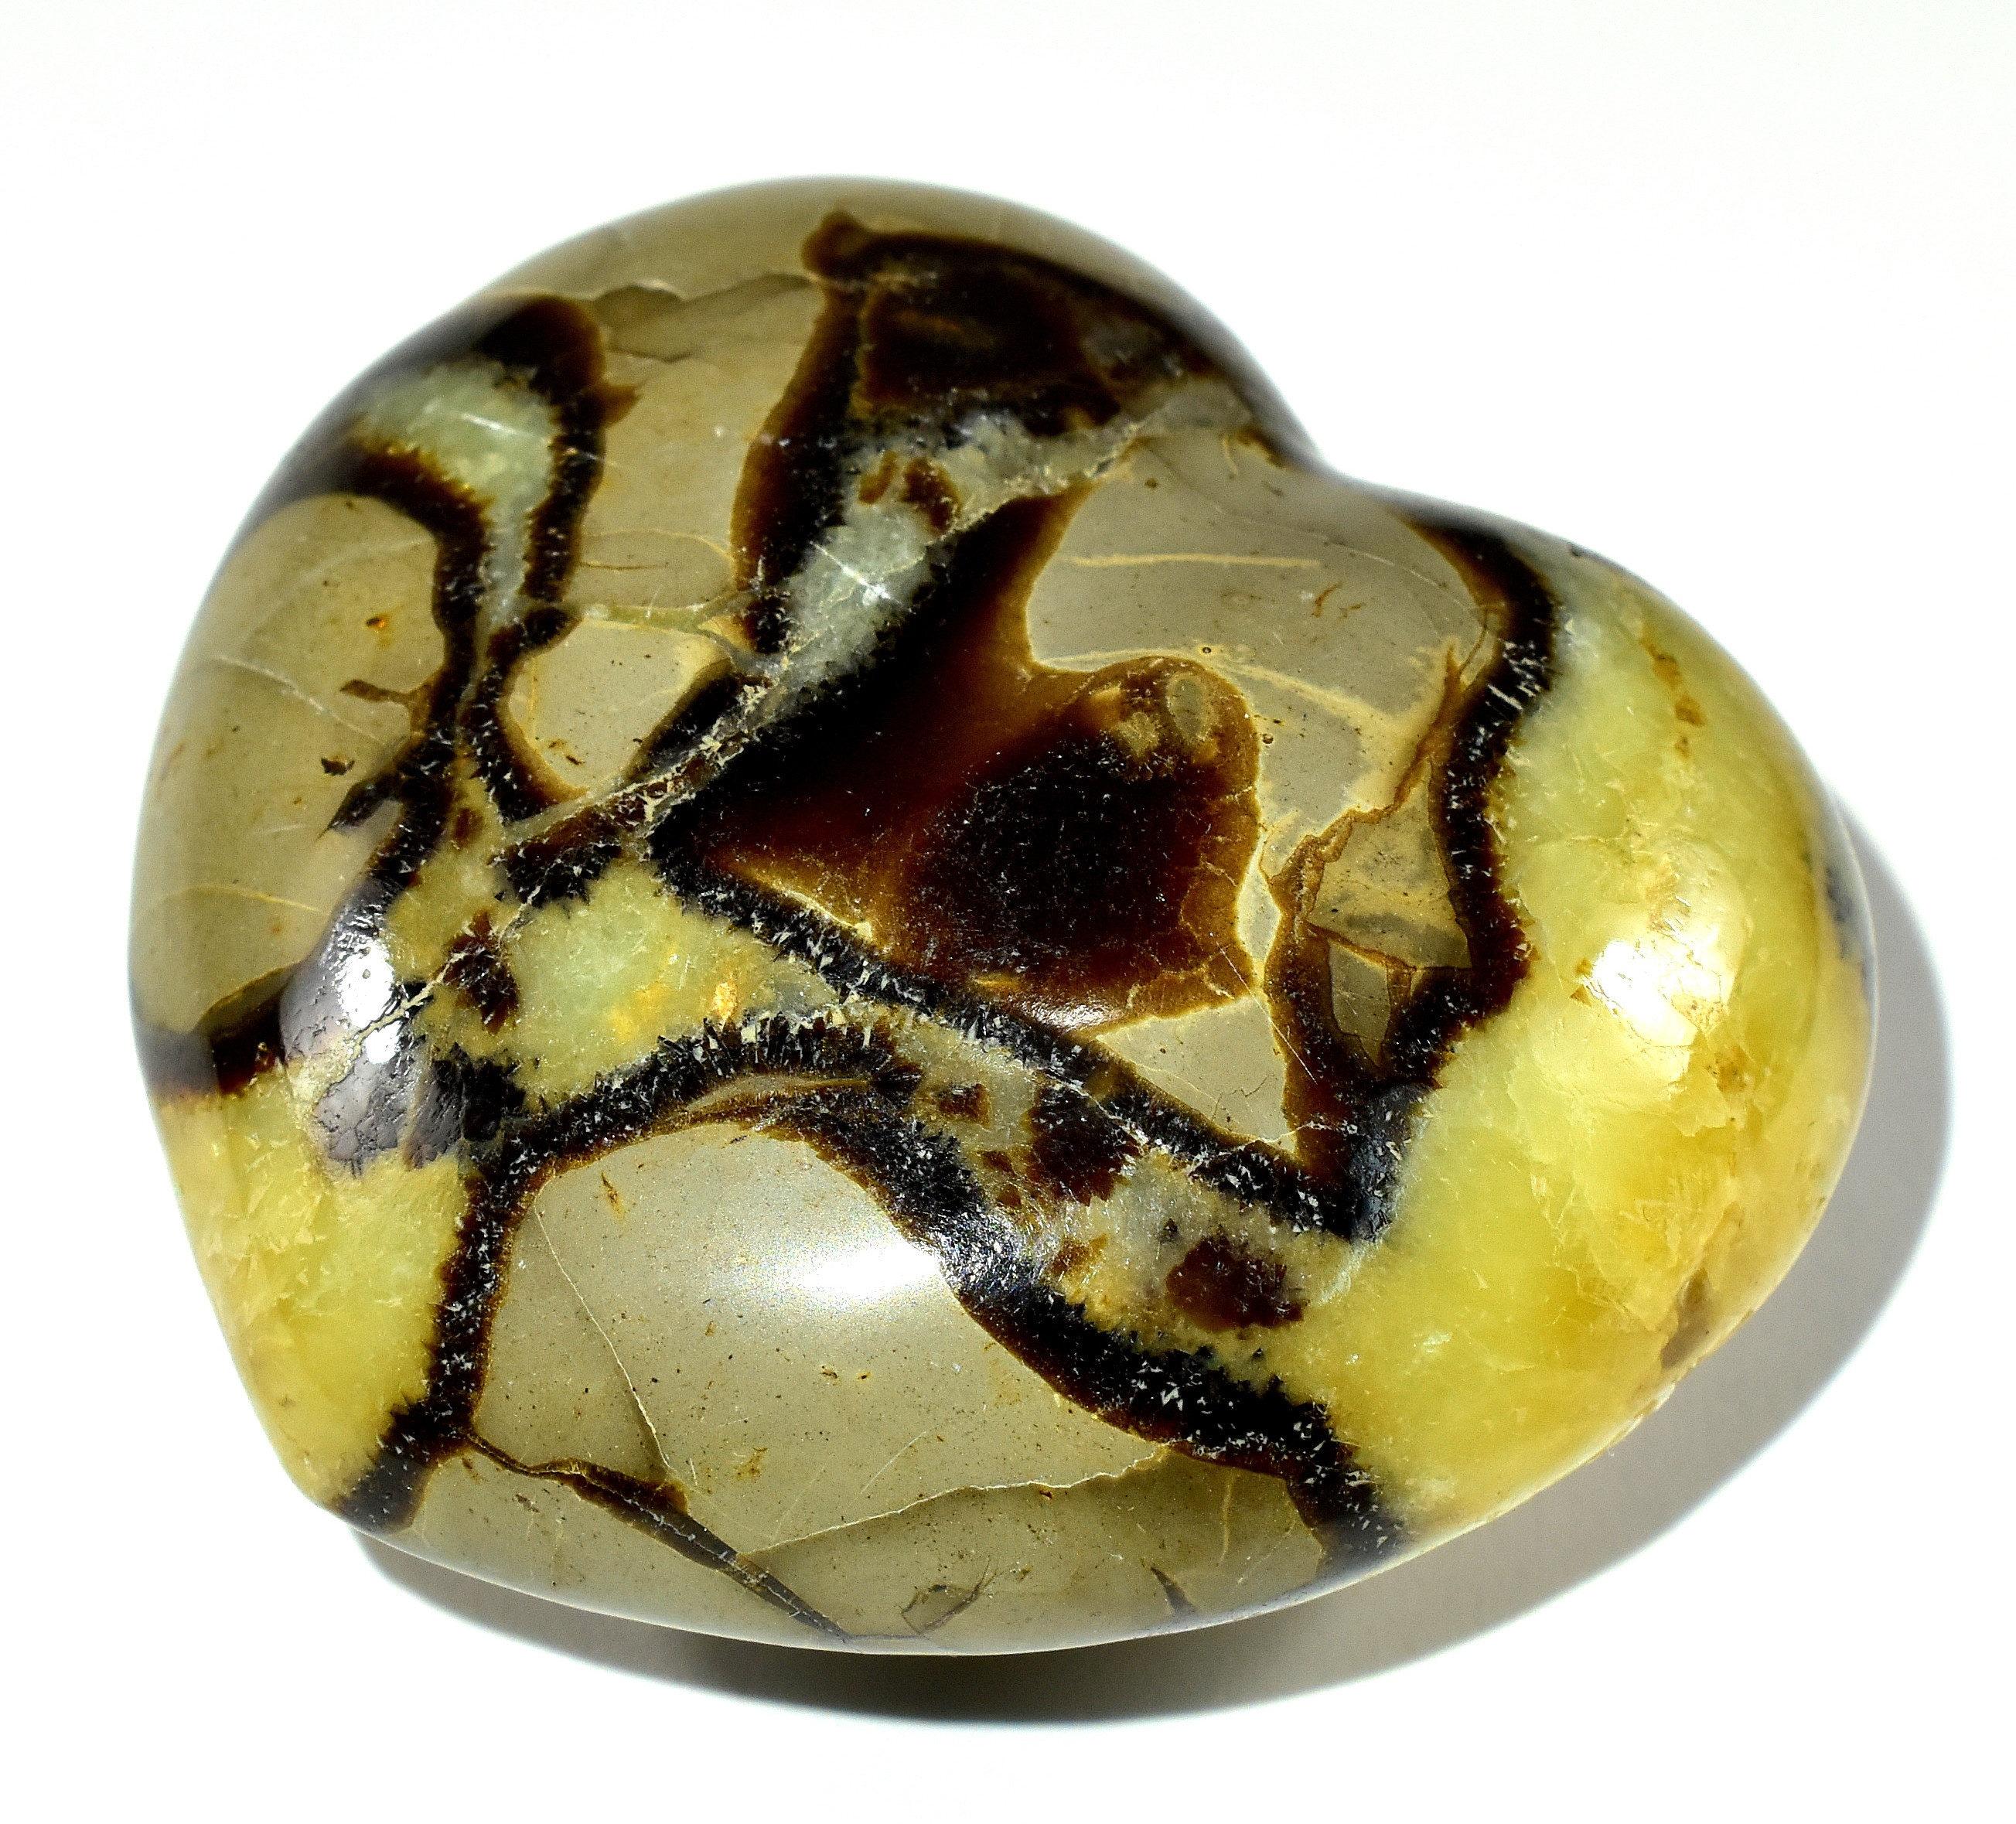 barite Septarian 69mm Sphere brown aragonite yellow calcite crystal sphere septarian sphere limestone septarian septarian nodule